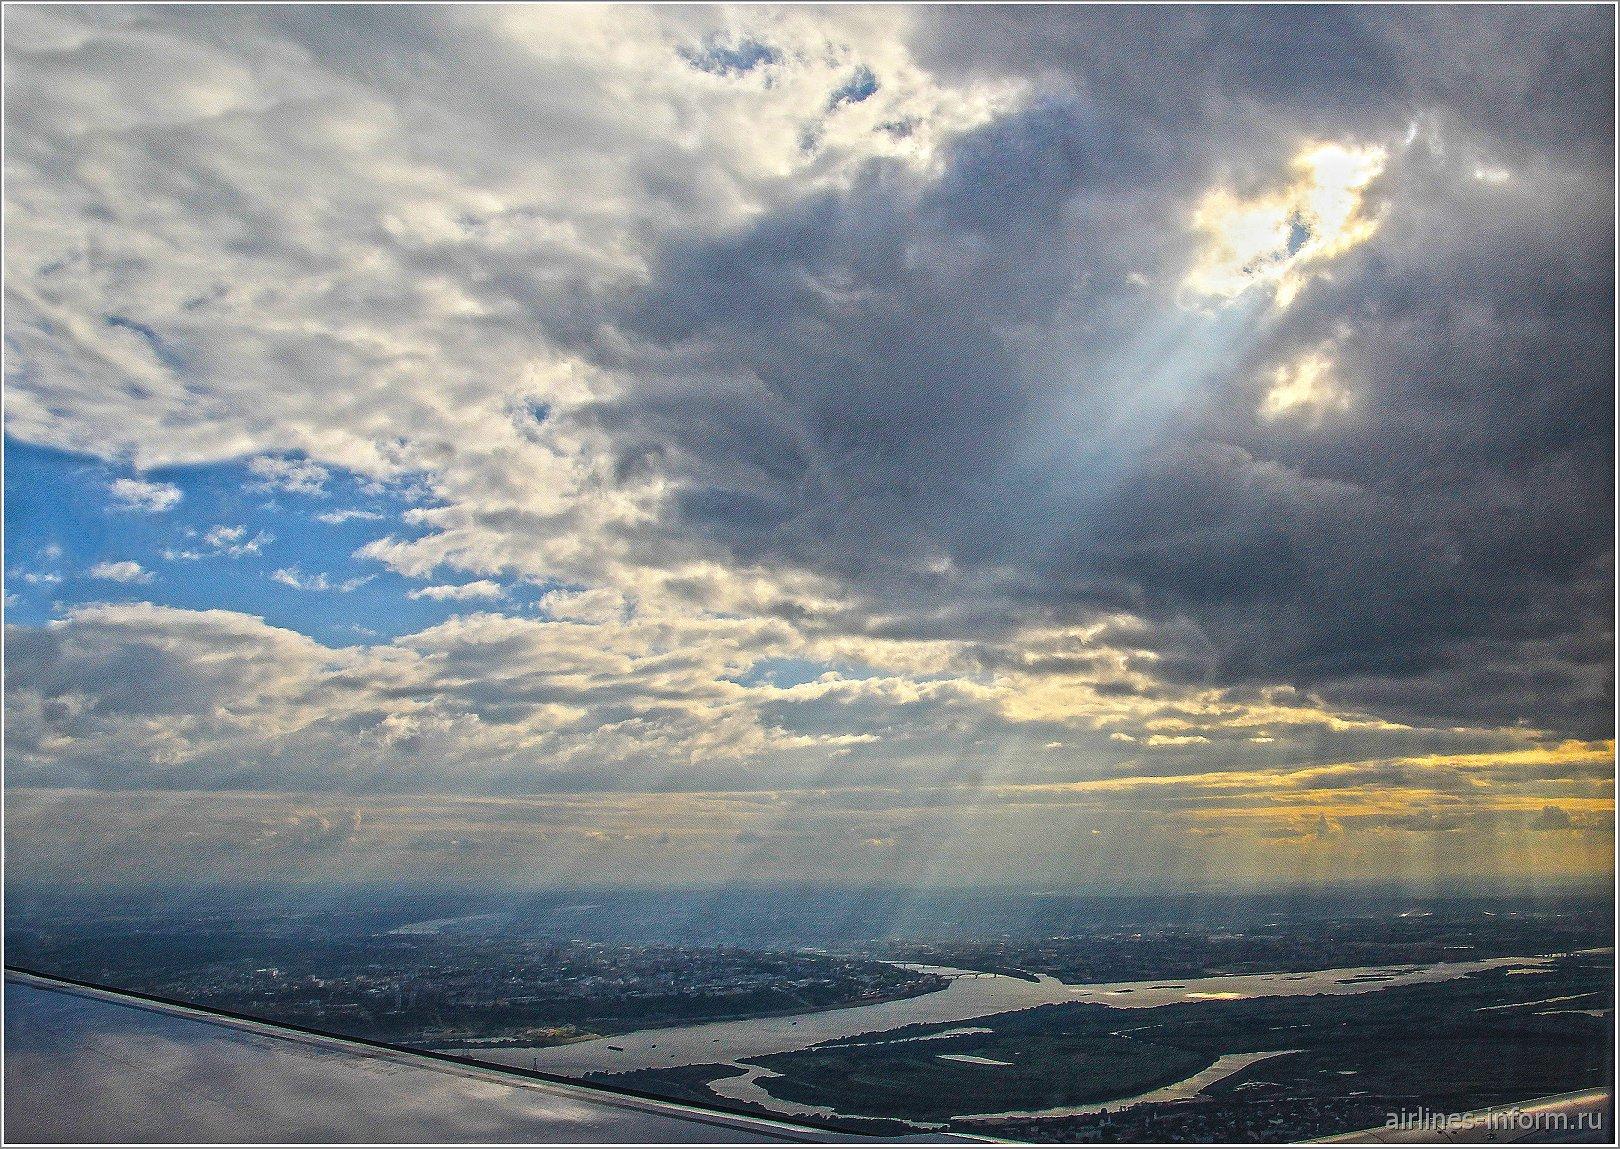 Облака в районе Нижнего Новгорода, у слияния Оки и Волги